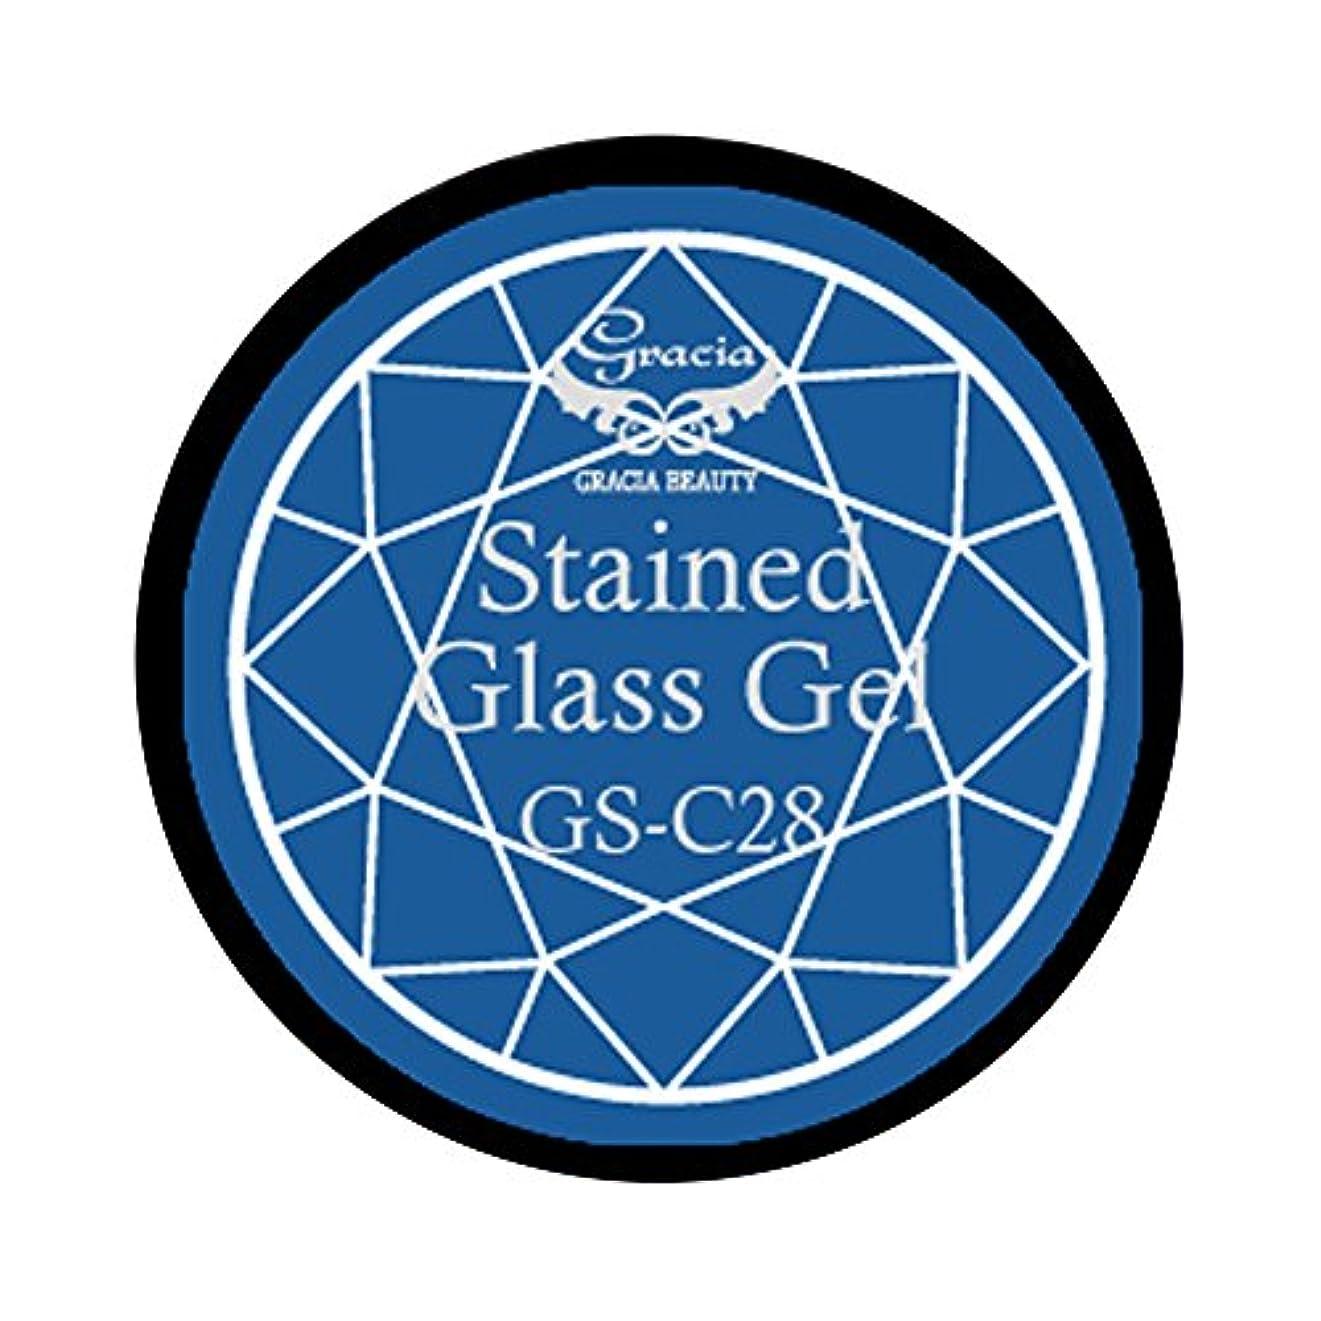 西部エンドウ強打グラシア ジェルネイル ステンドグラスジェル GSM-C28 3g  クリア UV/LED対応 カラージェル ソークオフジェル ガラスのような透明感